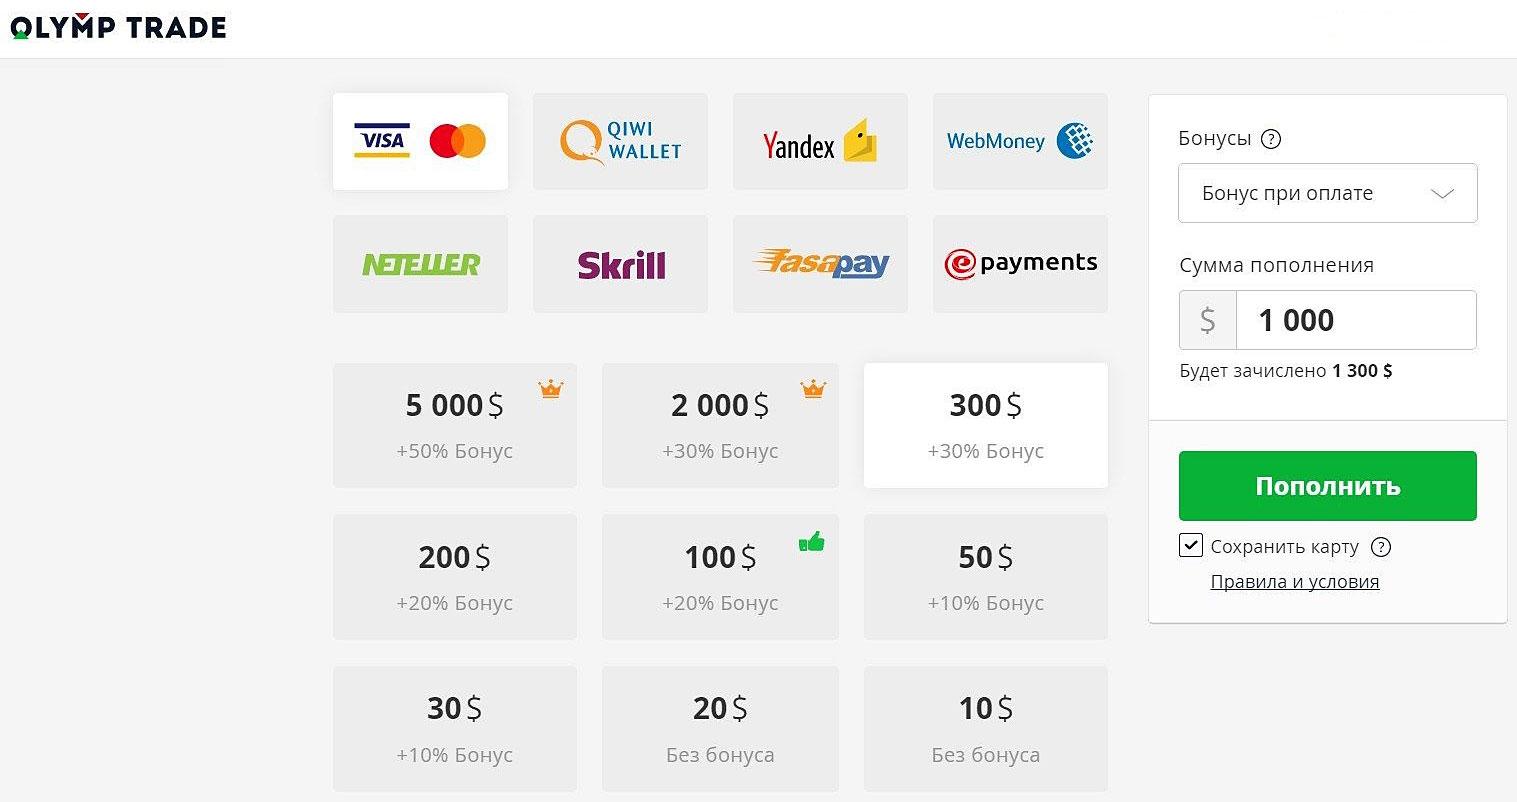 бонусы разные по открытии счета